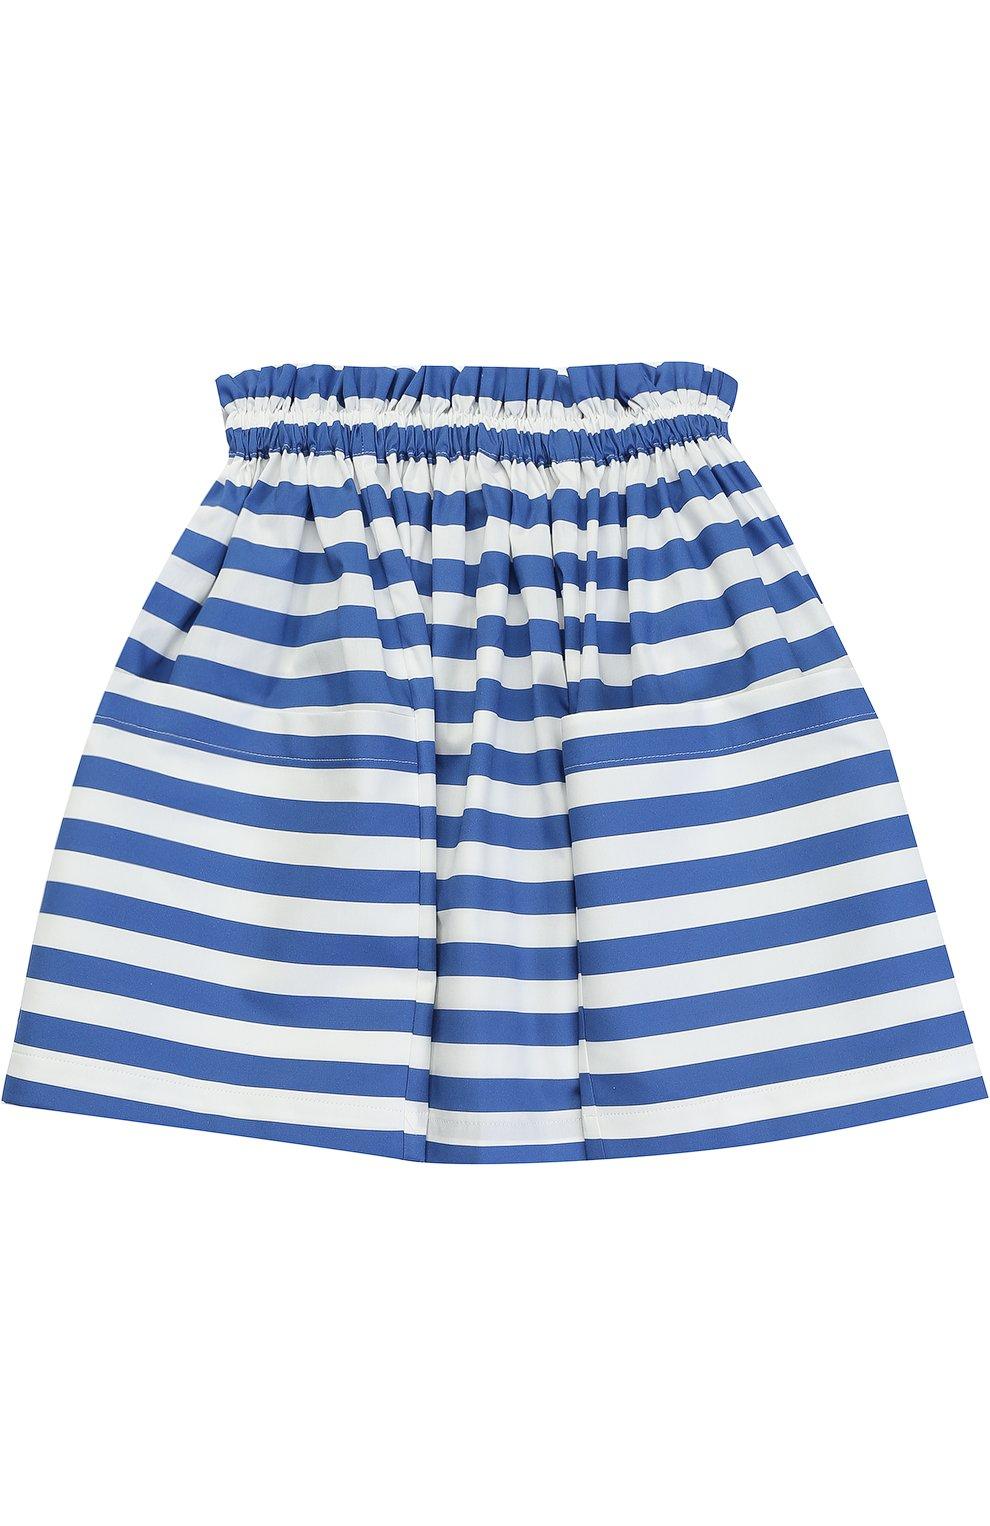 Хлопковая юбка в полоску с накладными карманами | Фото №1